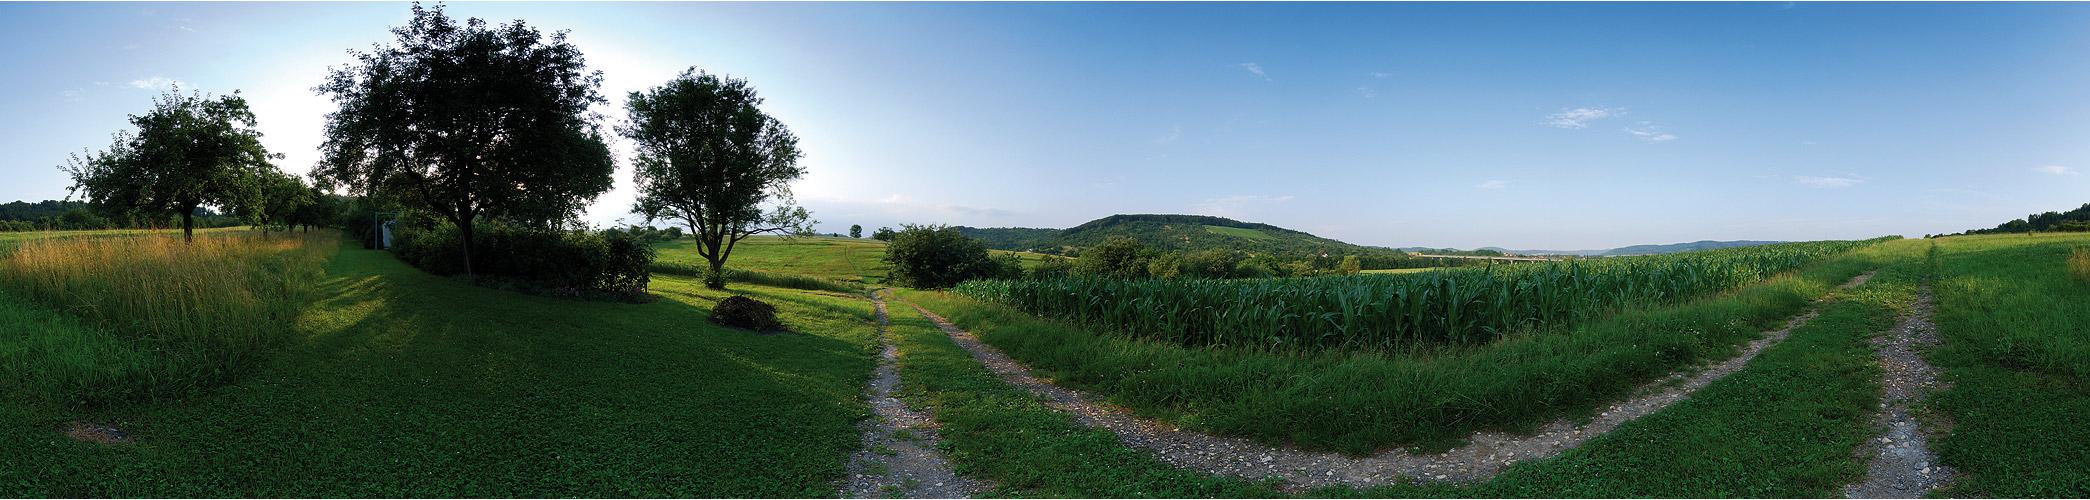 Schorndorf - Schornbach